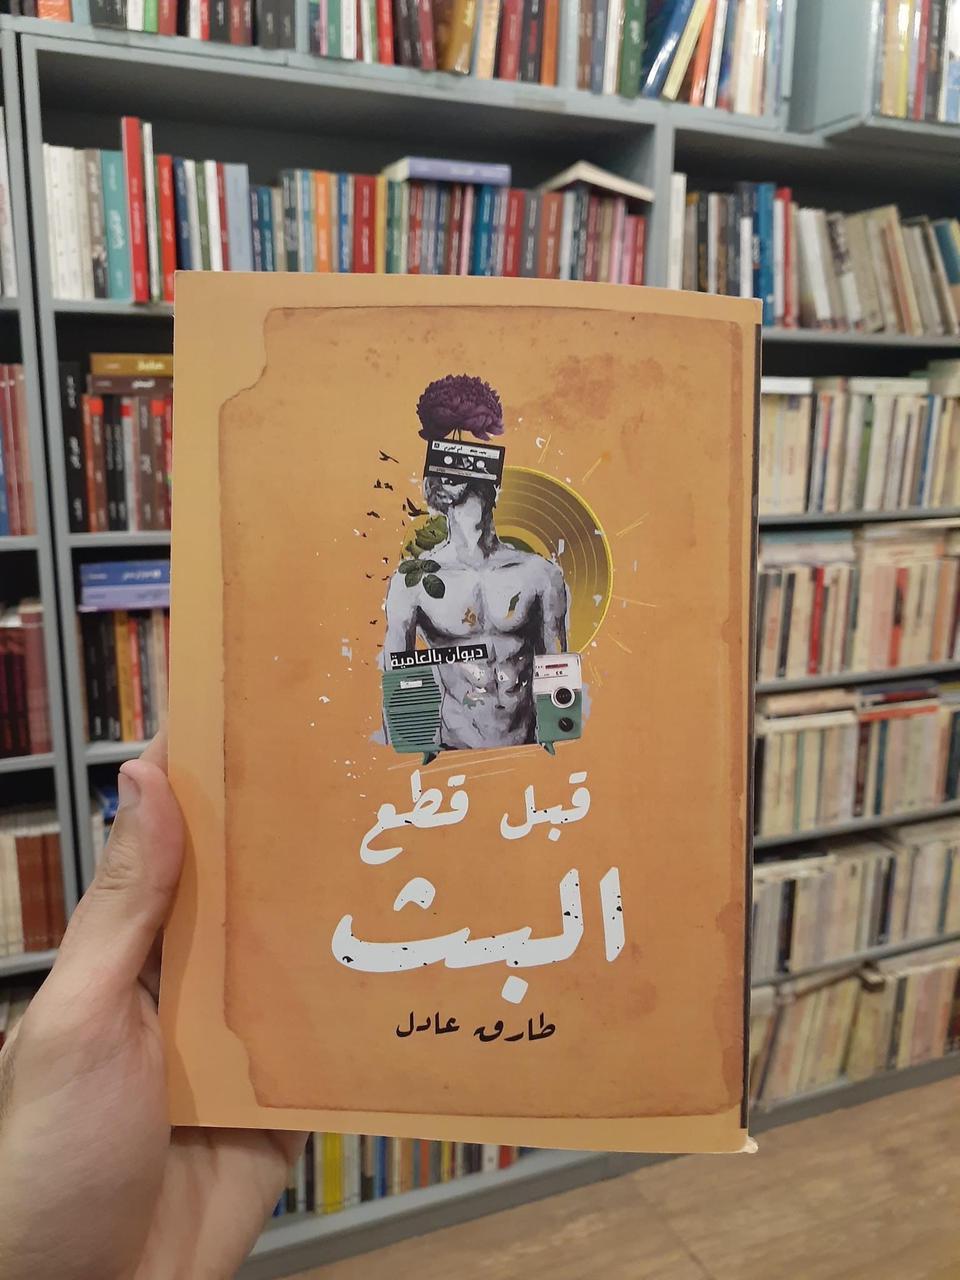 كتاب قبل قطع البث للكاتب طارق عادل